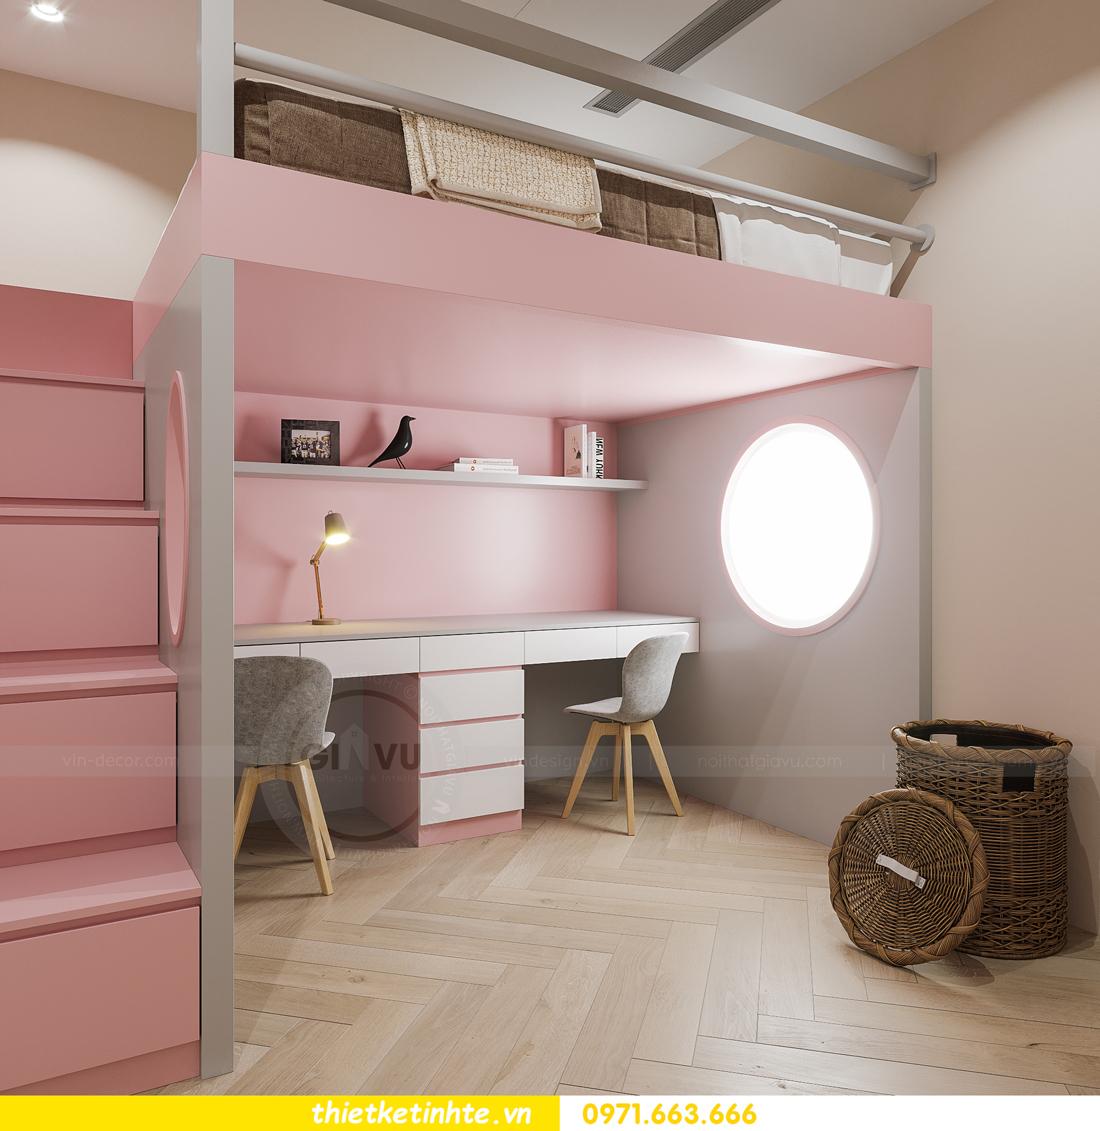 thiết kế nội thất chung cư Smart City tòa S102 căn 17 chị Hà 13